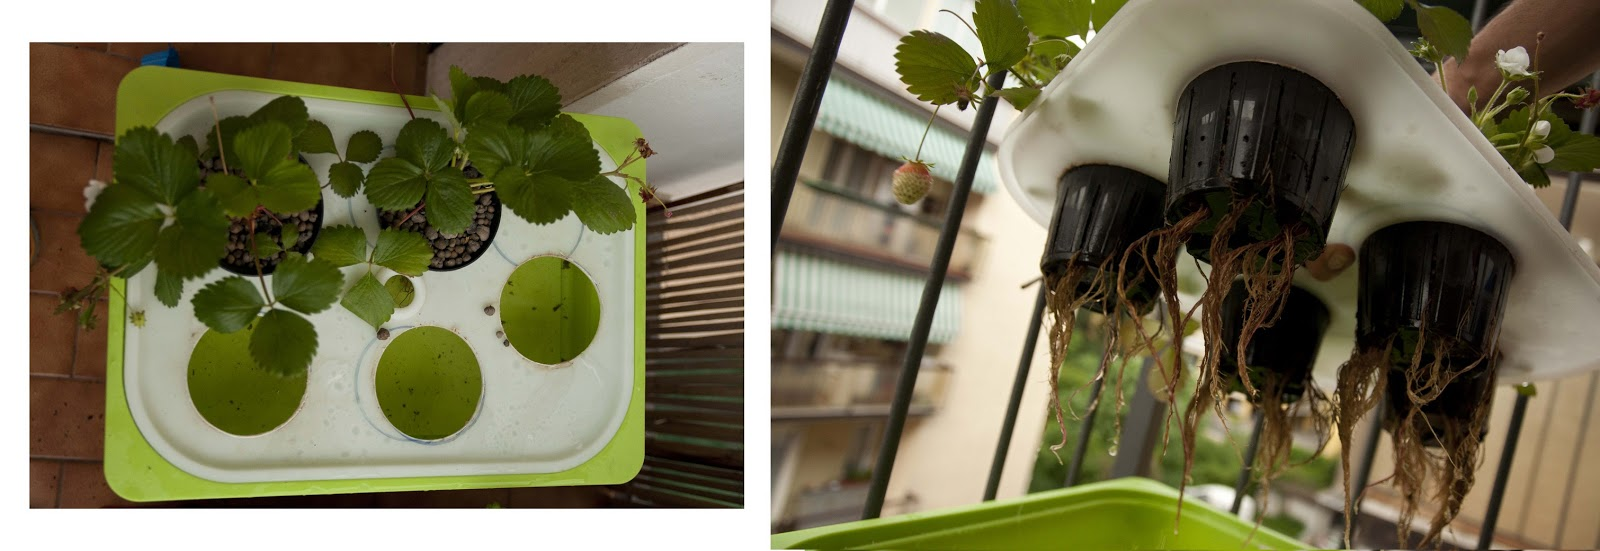 Il laboratorio delle idee fragole in idroponica diy for Vasi per fragole